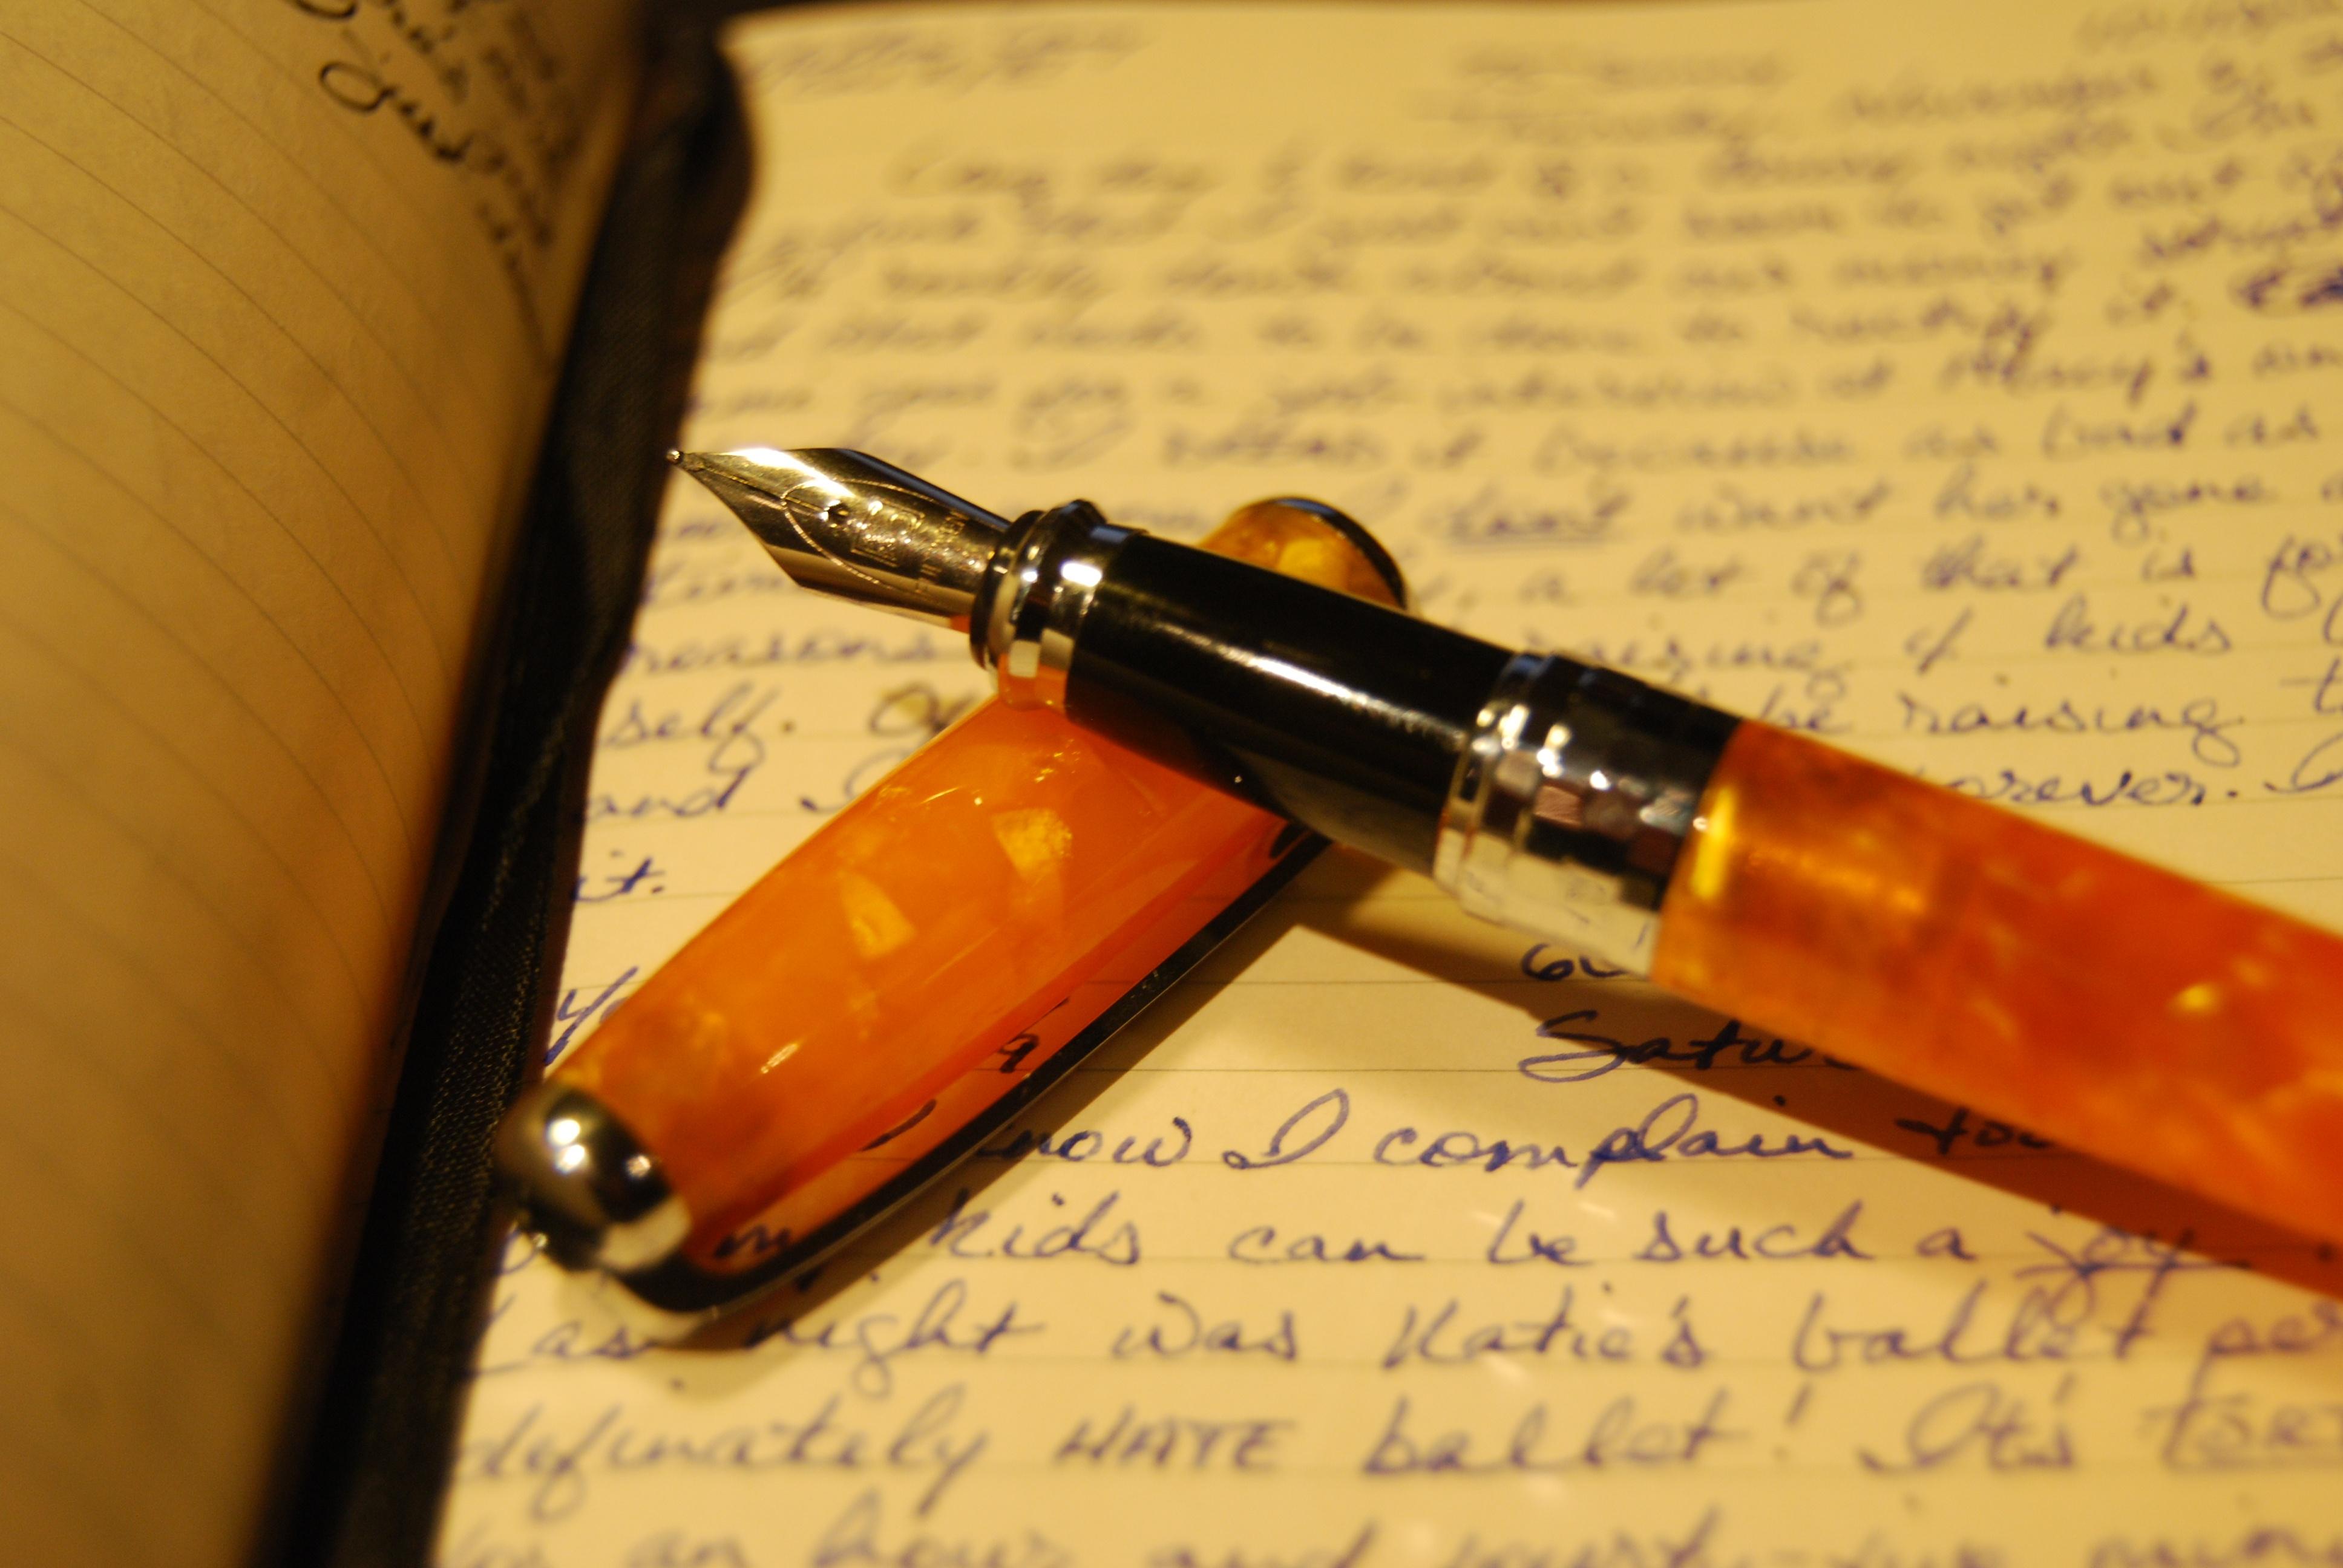 Letër Dashurie: SHPIRT me ka marre malli shume zemer.